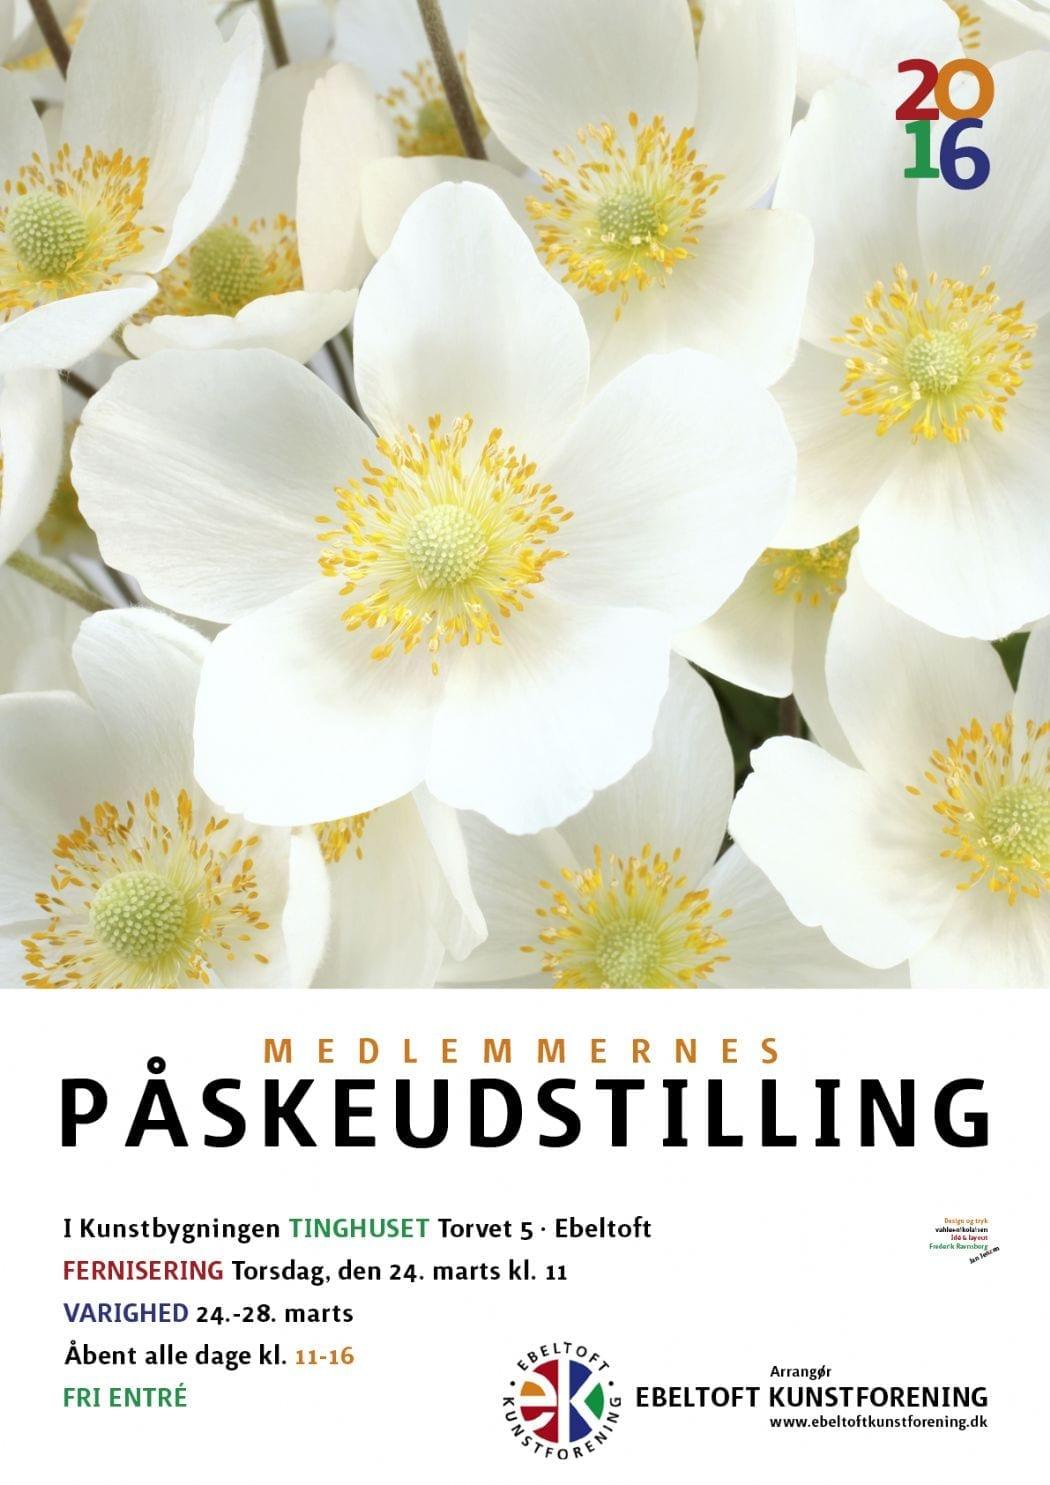 Aktuelles, Osterausstellung 2016, Ebeltoft Kunstforening, Lønstrup Hot Glass by Susan Vivi Sørensen